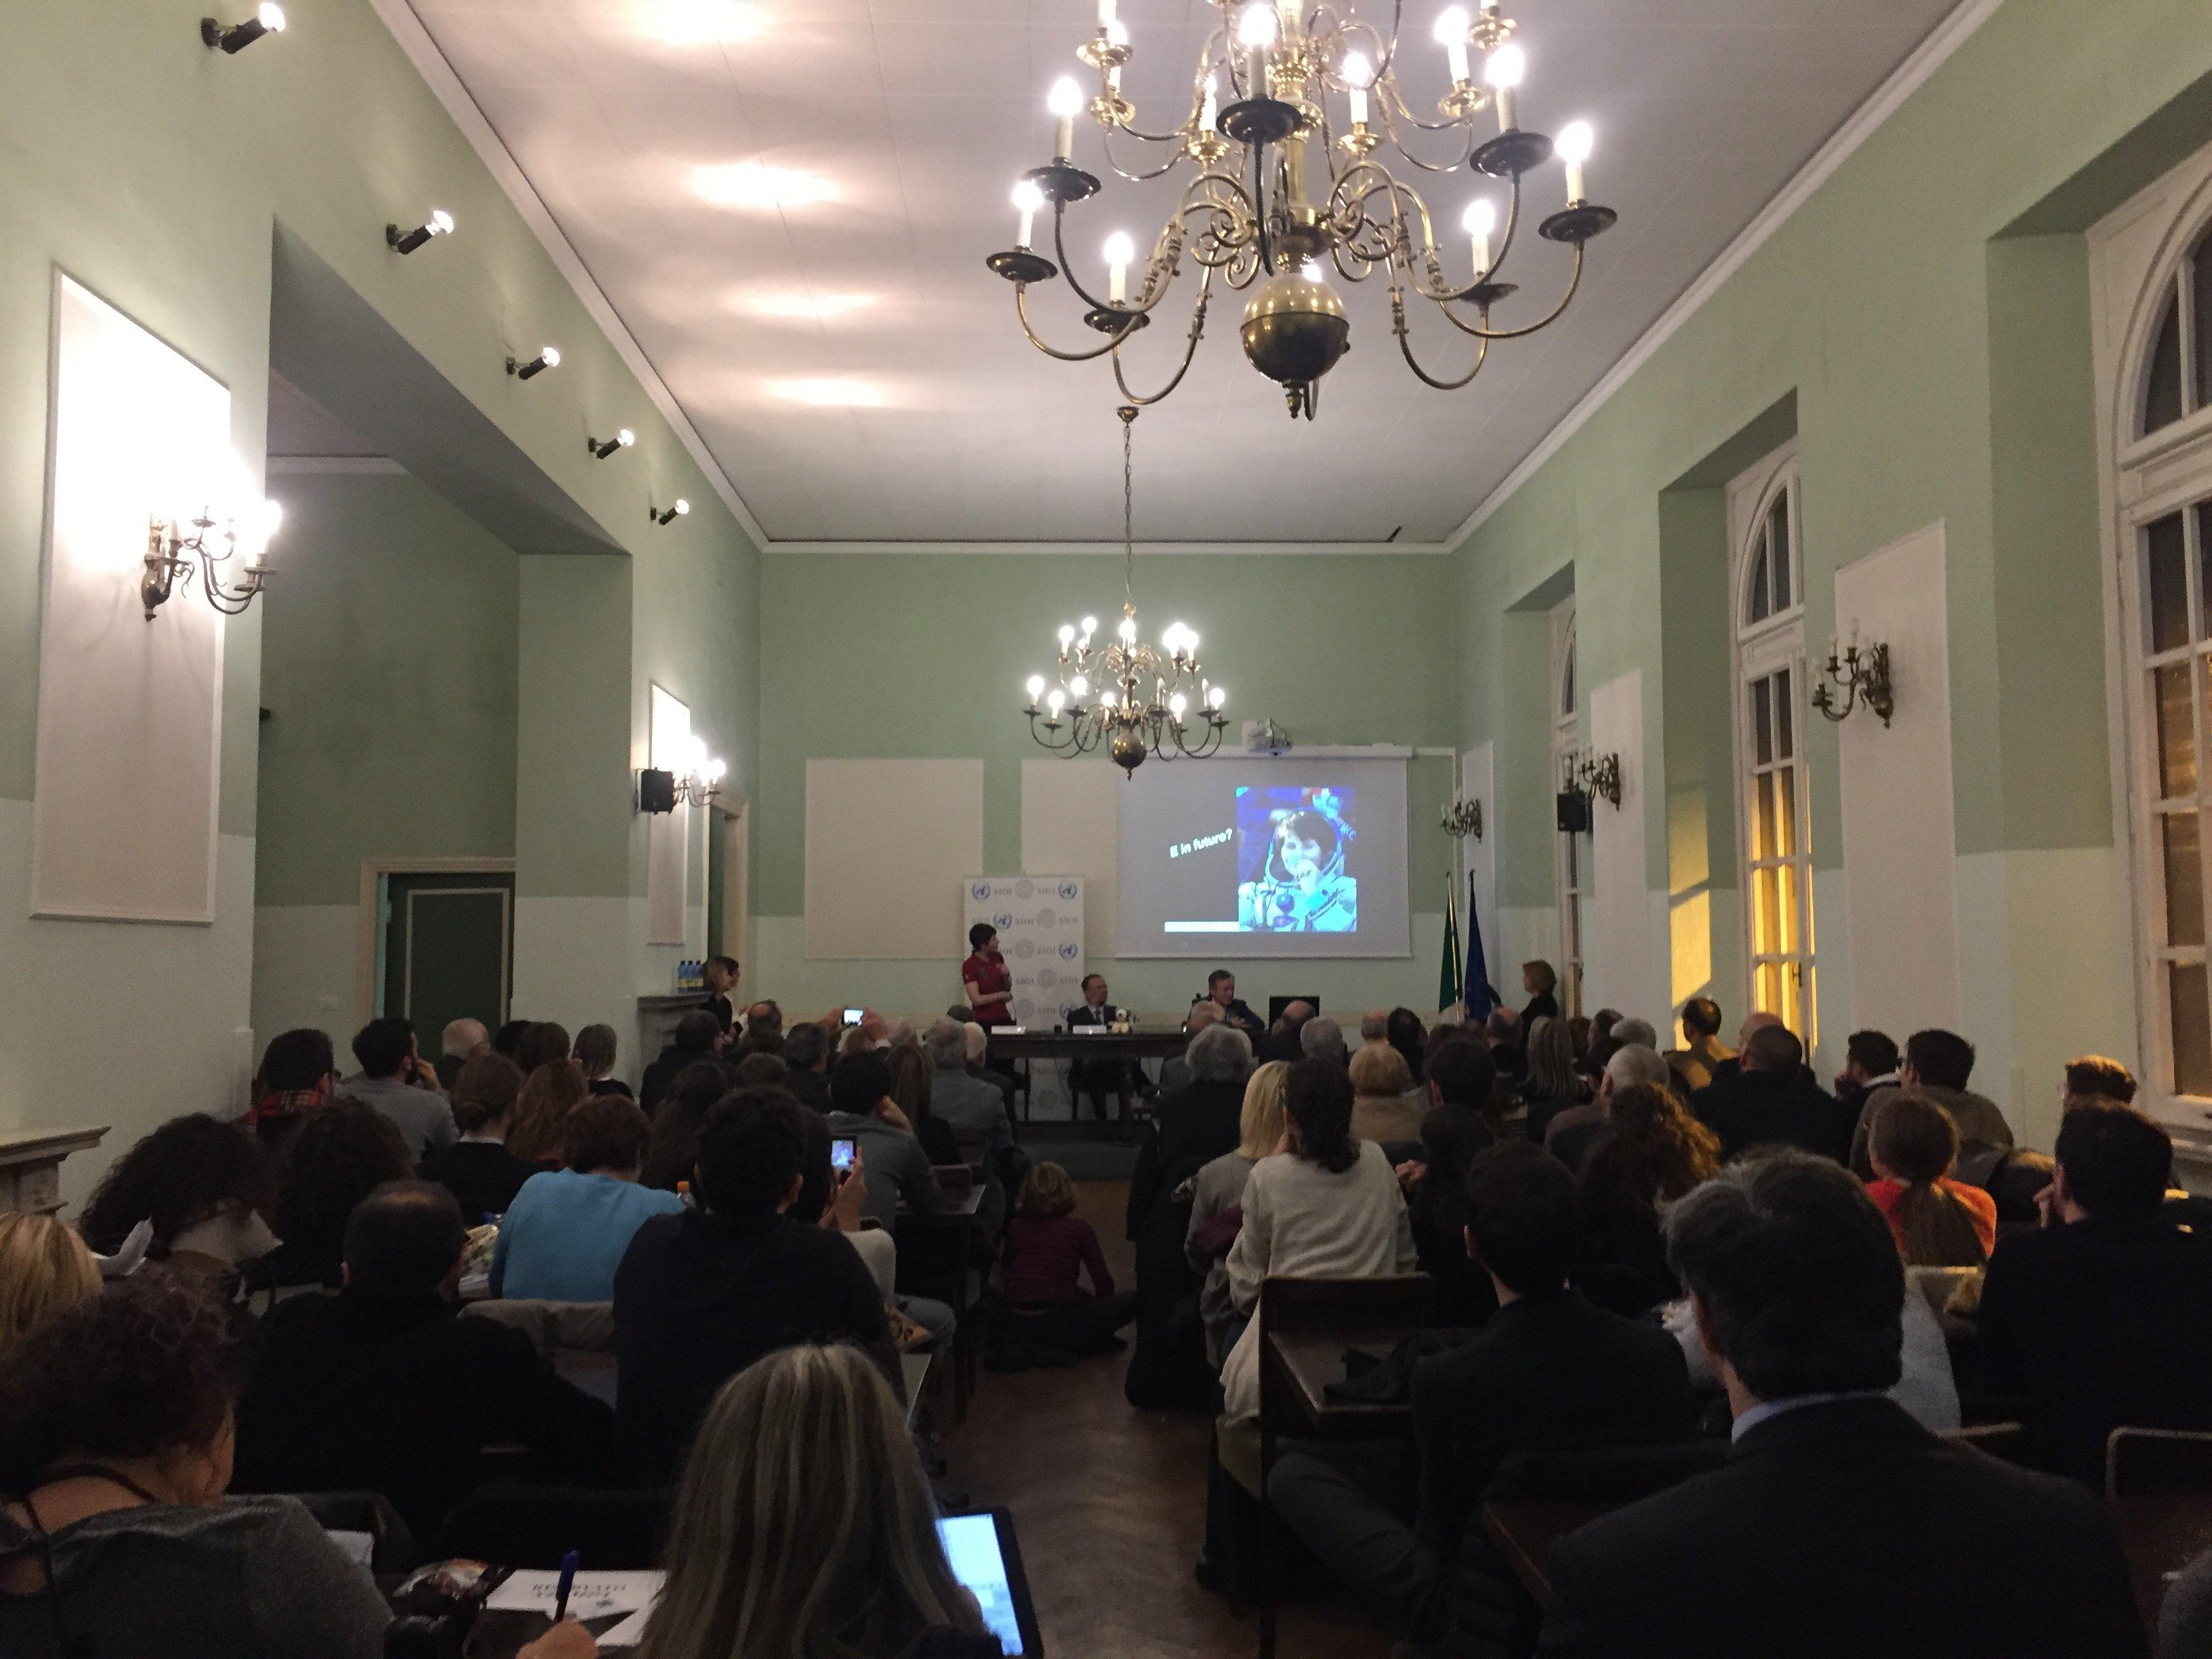 La presentazione della X edizione del Master in Istituzioni e politiche spaziali presso la Società Italiana per l'Organizzazione Internazionale (SIOI).